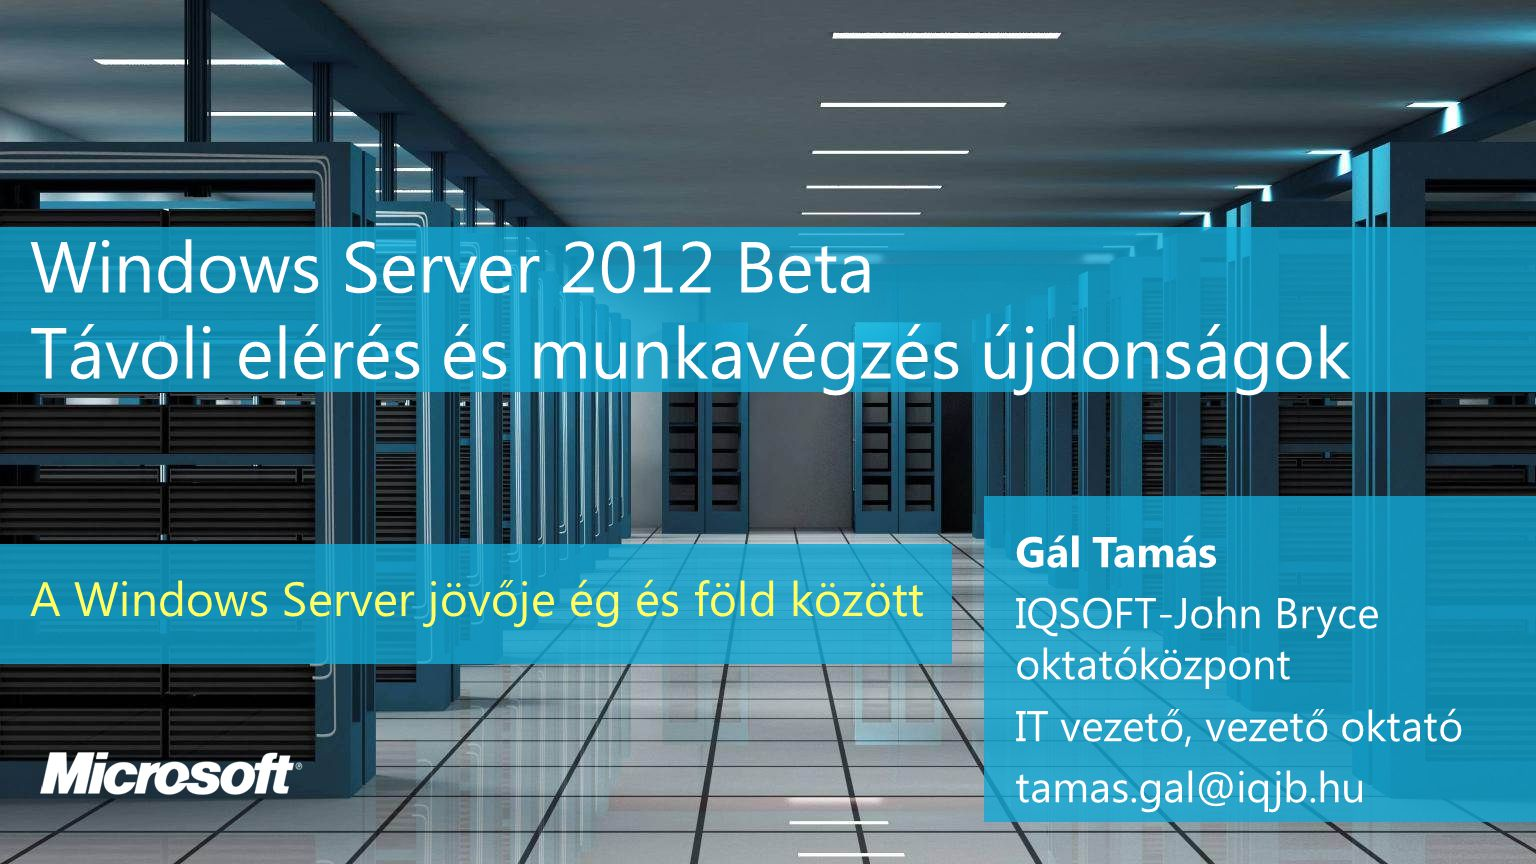 Windows Server 2012 Beta Távoli elérés és munkavégzés újdonságok